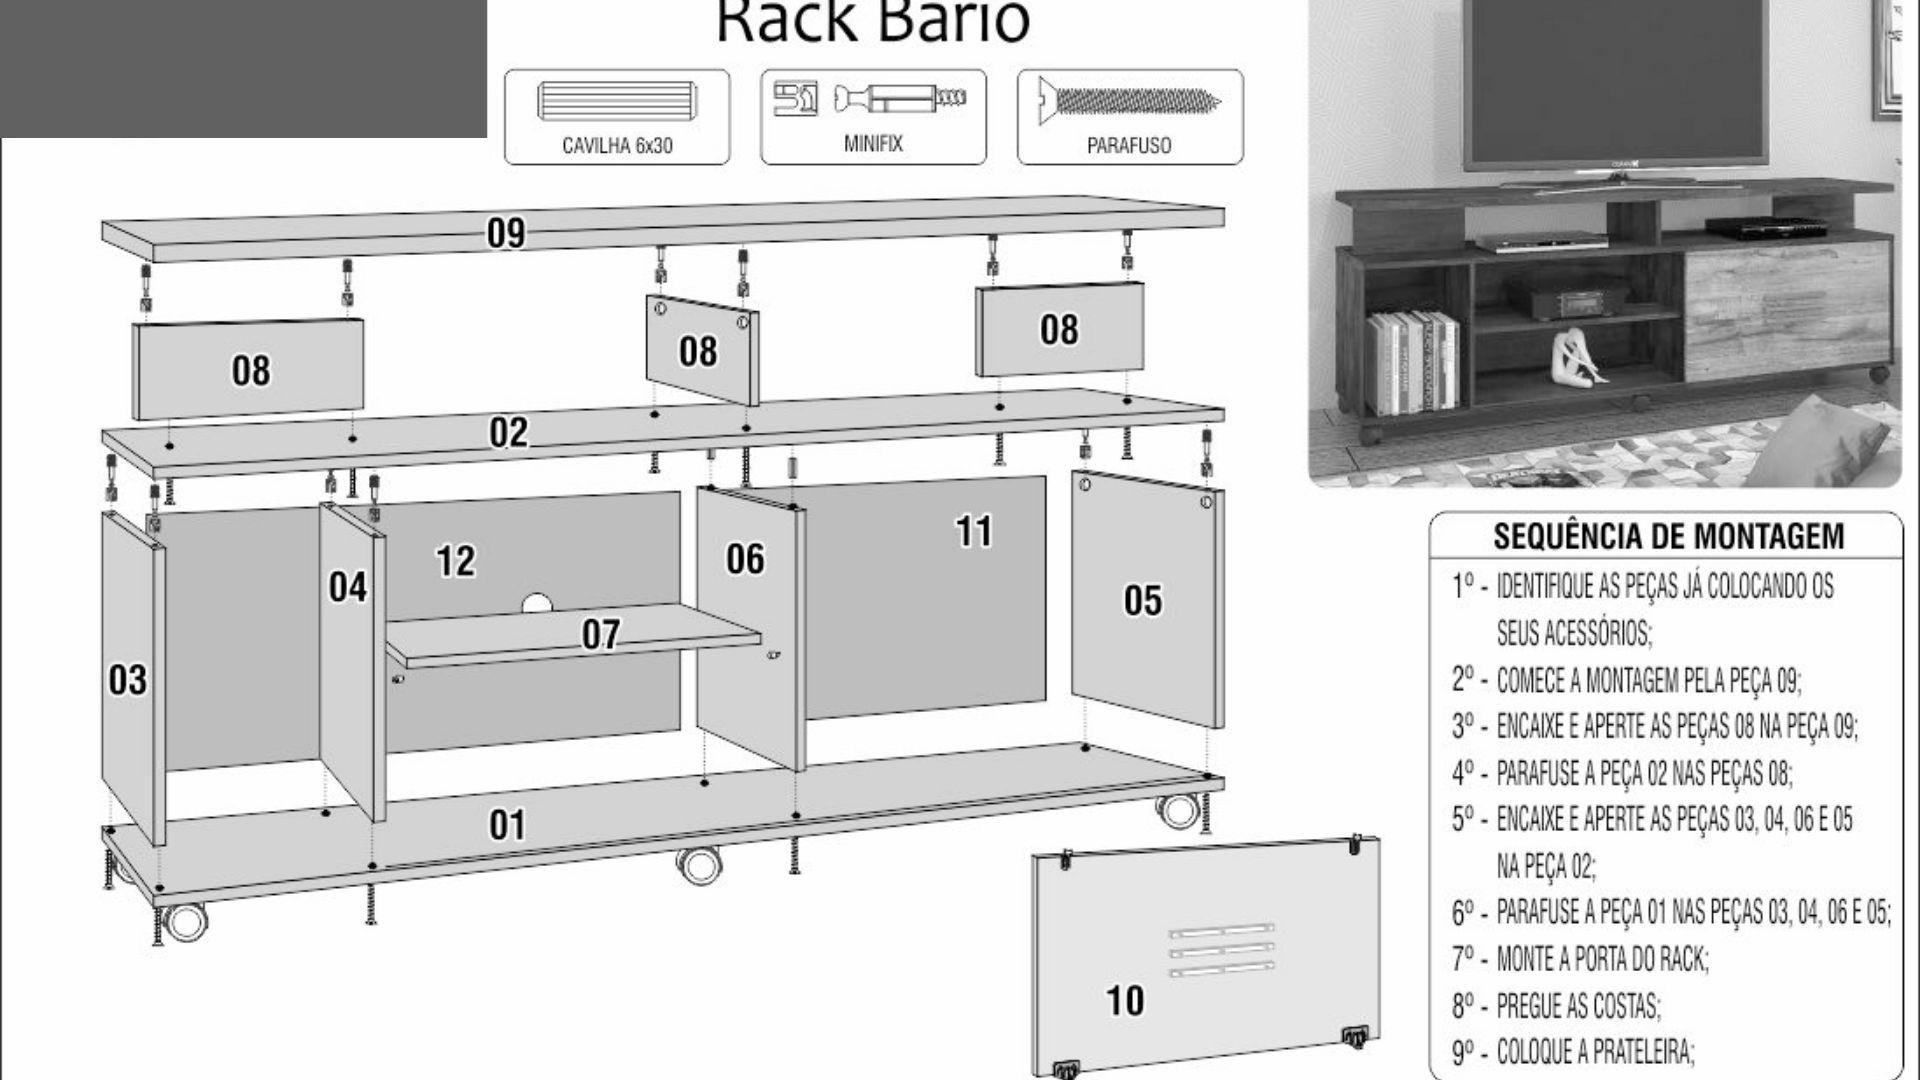 Rack Bário